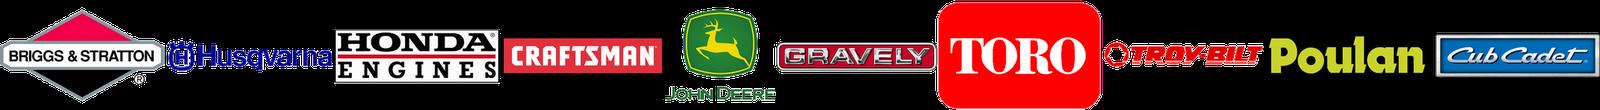 Lawn mower repair, small engine repair